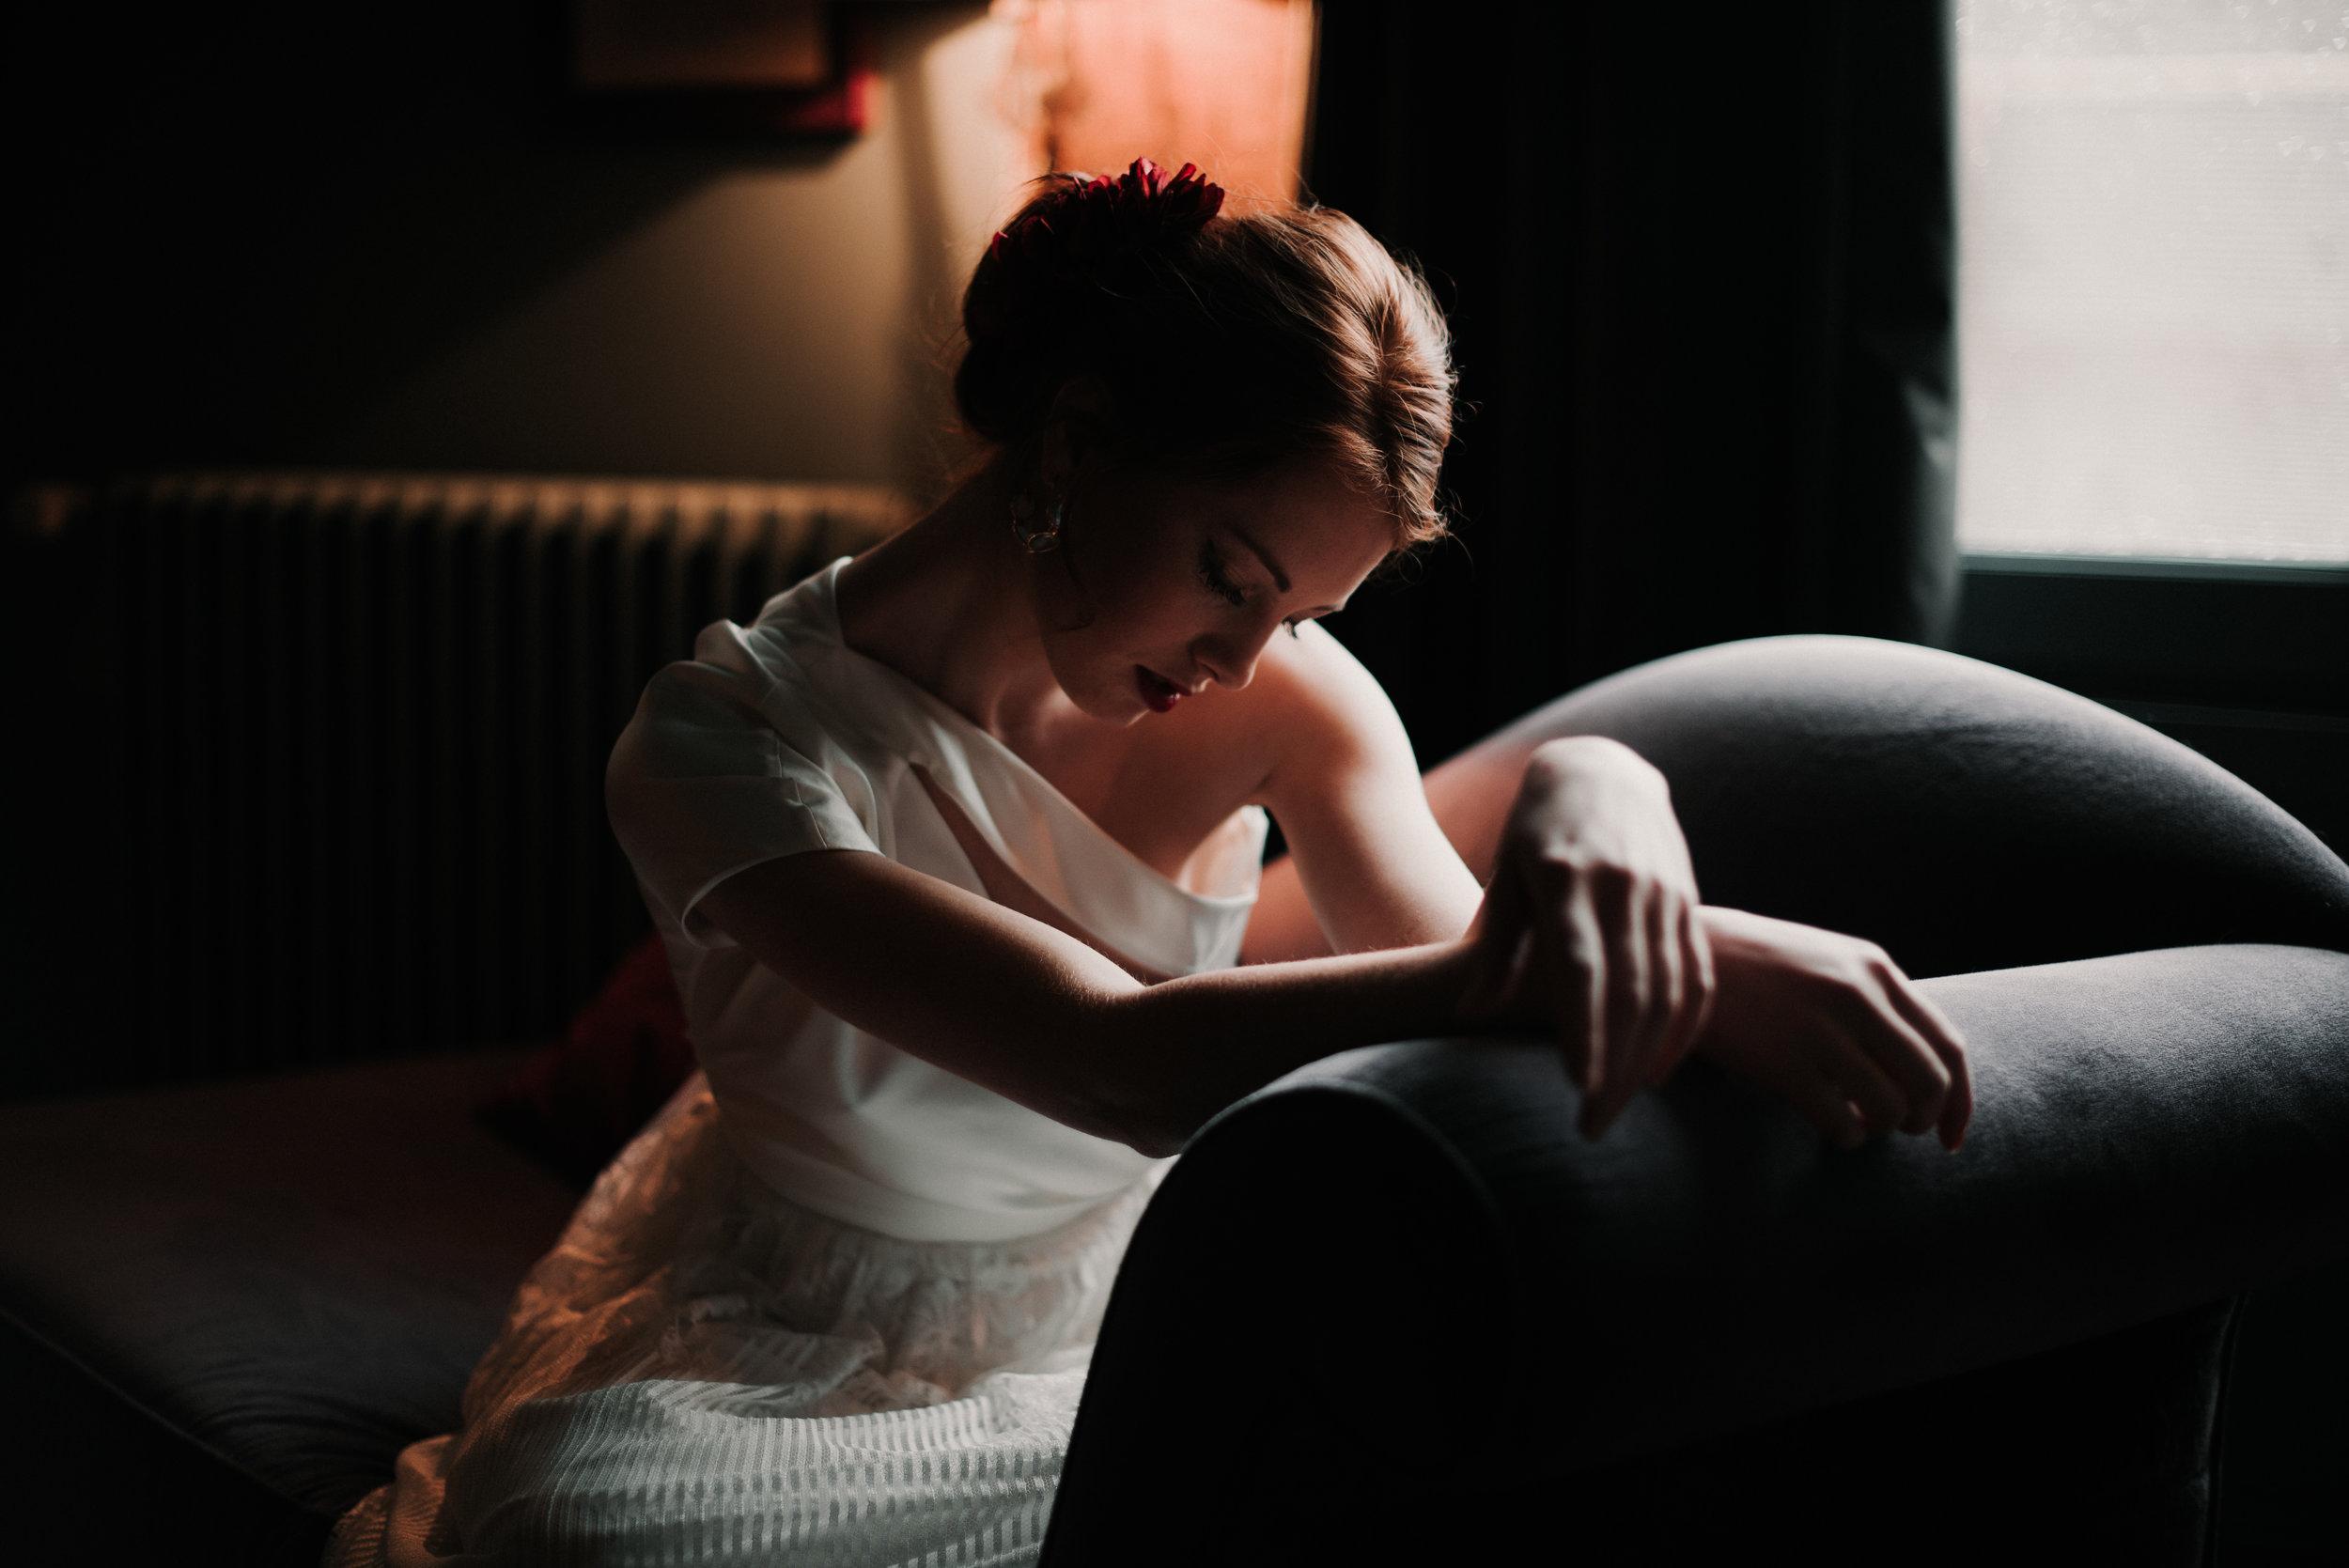 Léa-Fery-photographe-professionnel-lyon-rhone-alpes-portrait-creation-mariage-evenement-evenementiel-famille-3629.jpg